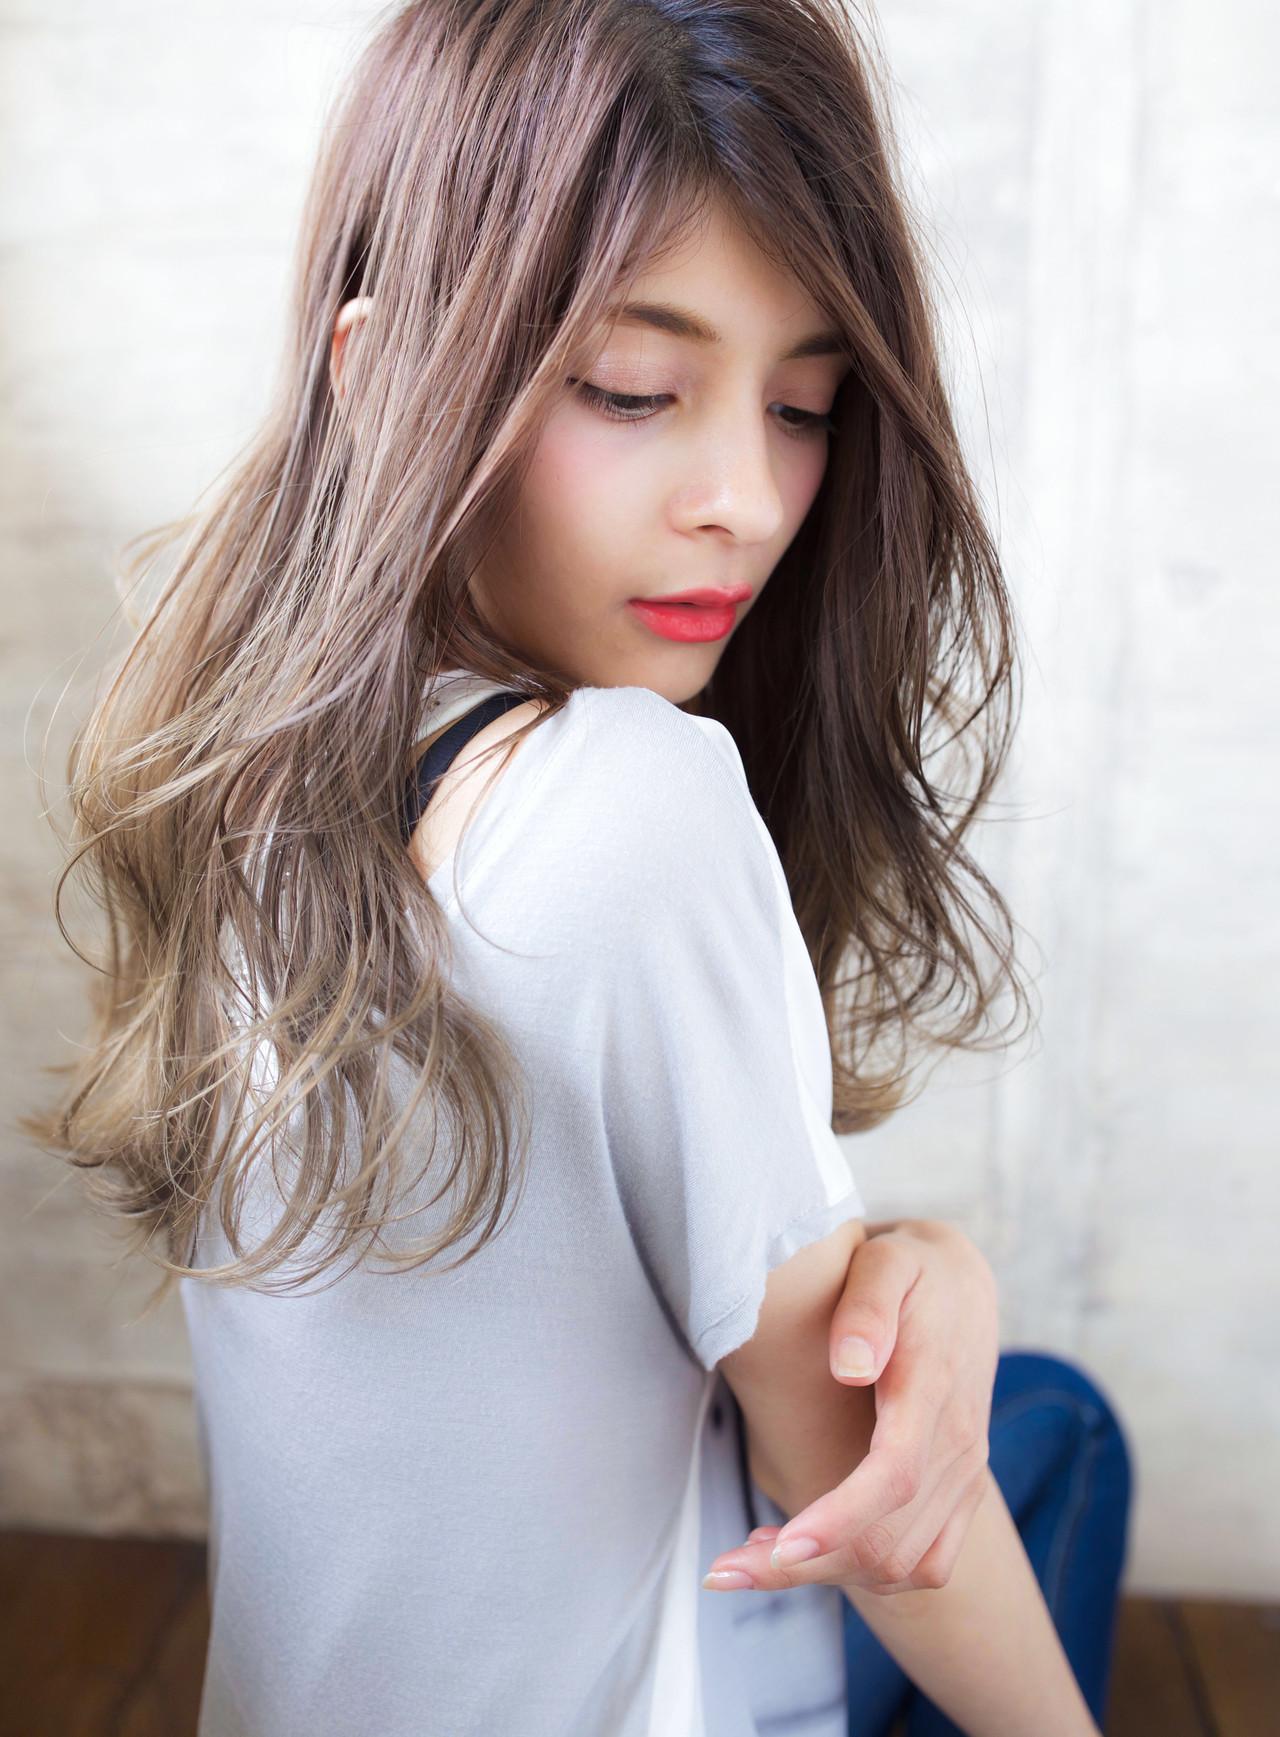 セミロング ヘアカラー フェミニン ハイライト ヘアスタイルや髪型の写真・画像